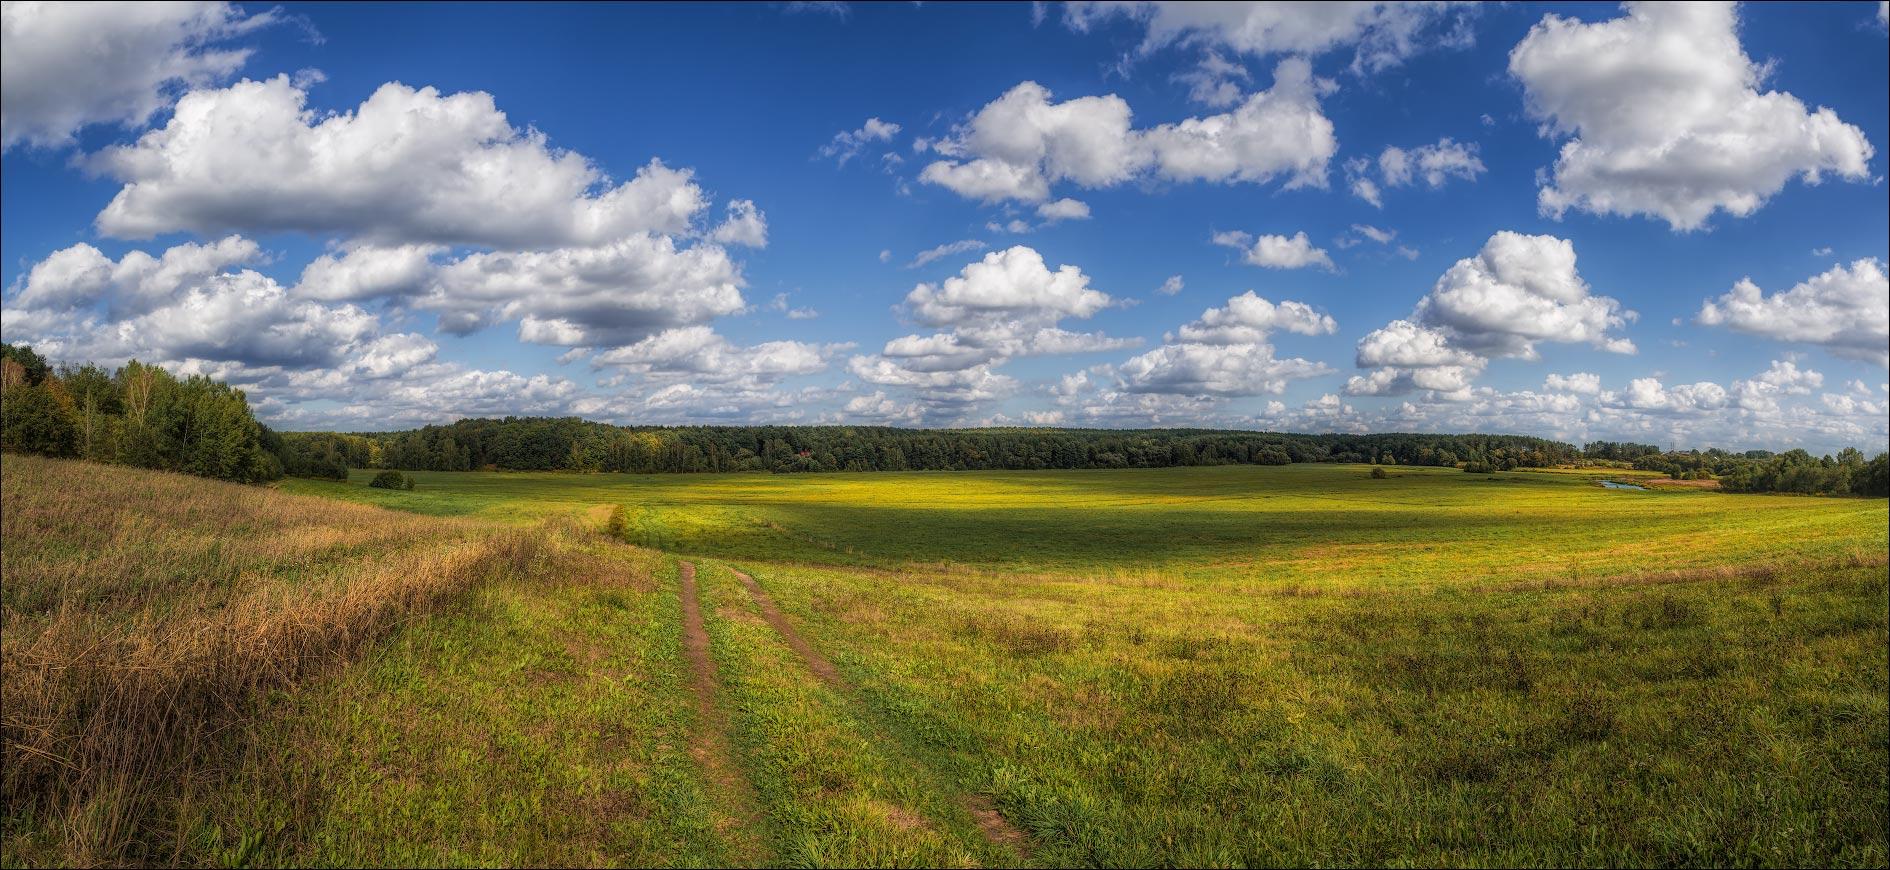 Фото природа беларуси лето 2